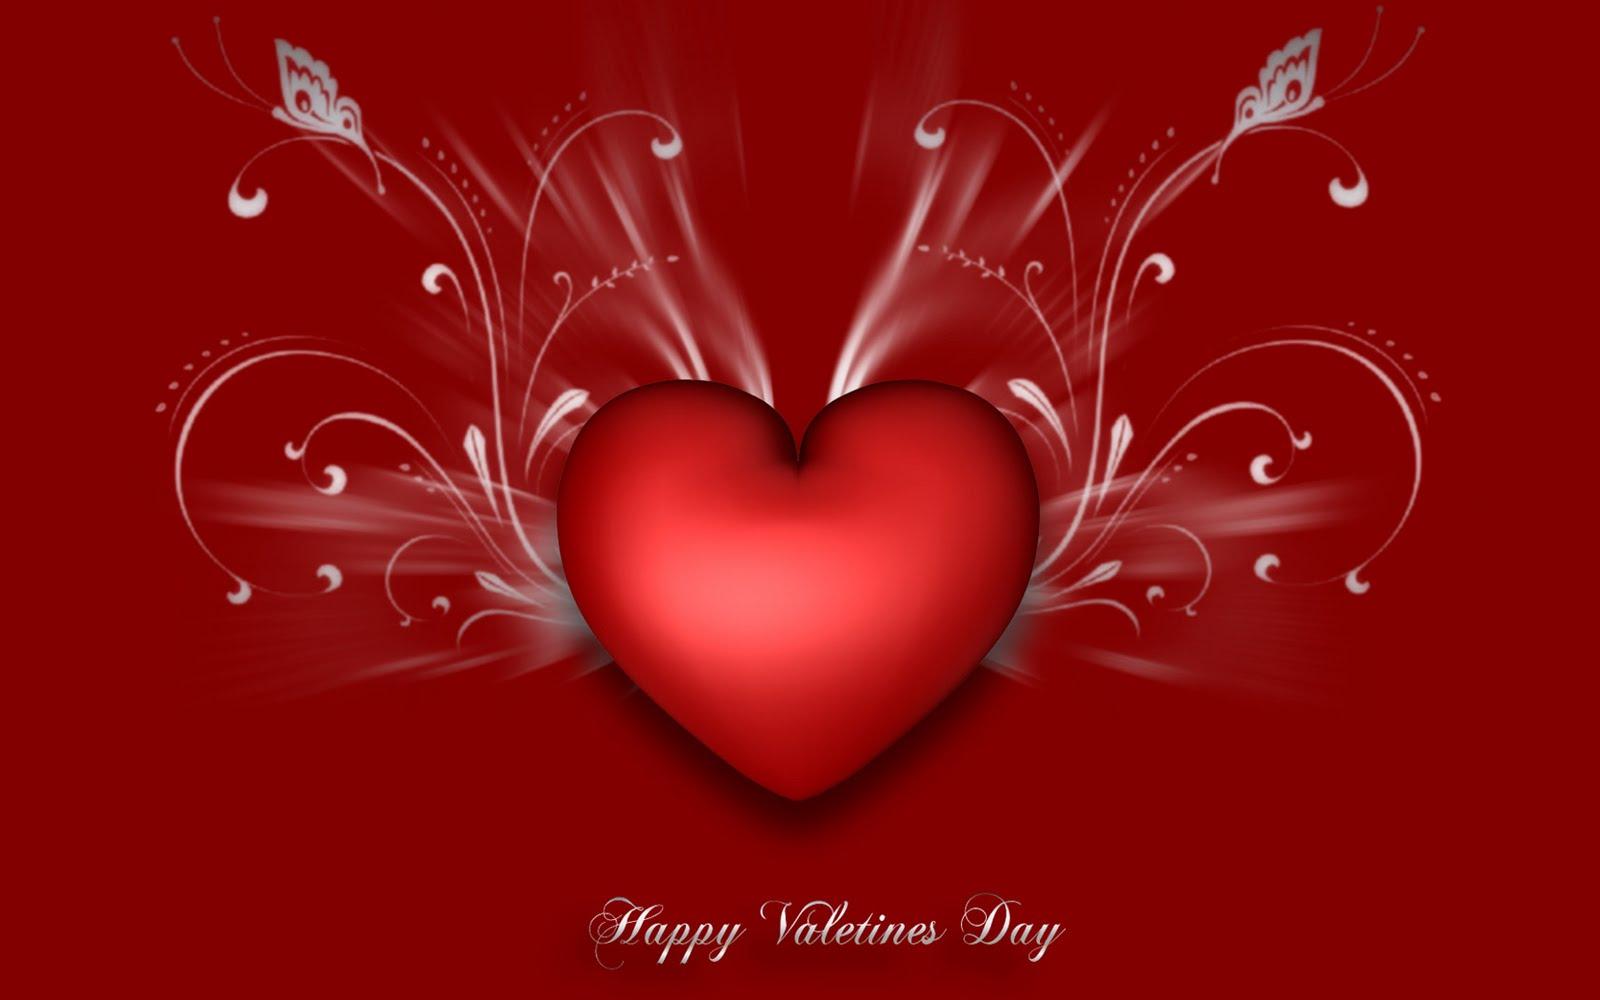 http://2.bp.blogspot.com/-0I-Cd6m7O1w/URrWcL7tdrI/AAAAAAAAi1o/GyM5bCUgdRo/s1600/valentines-day-wallpaper-112.jpg